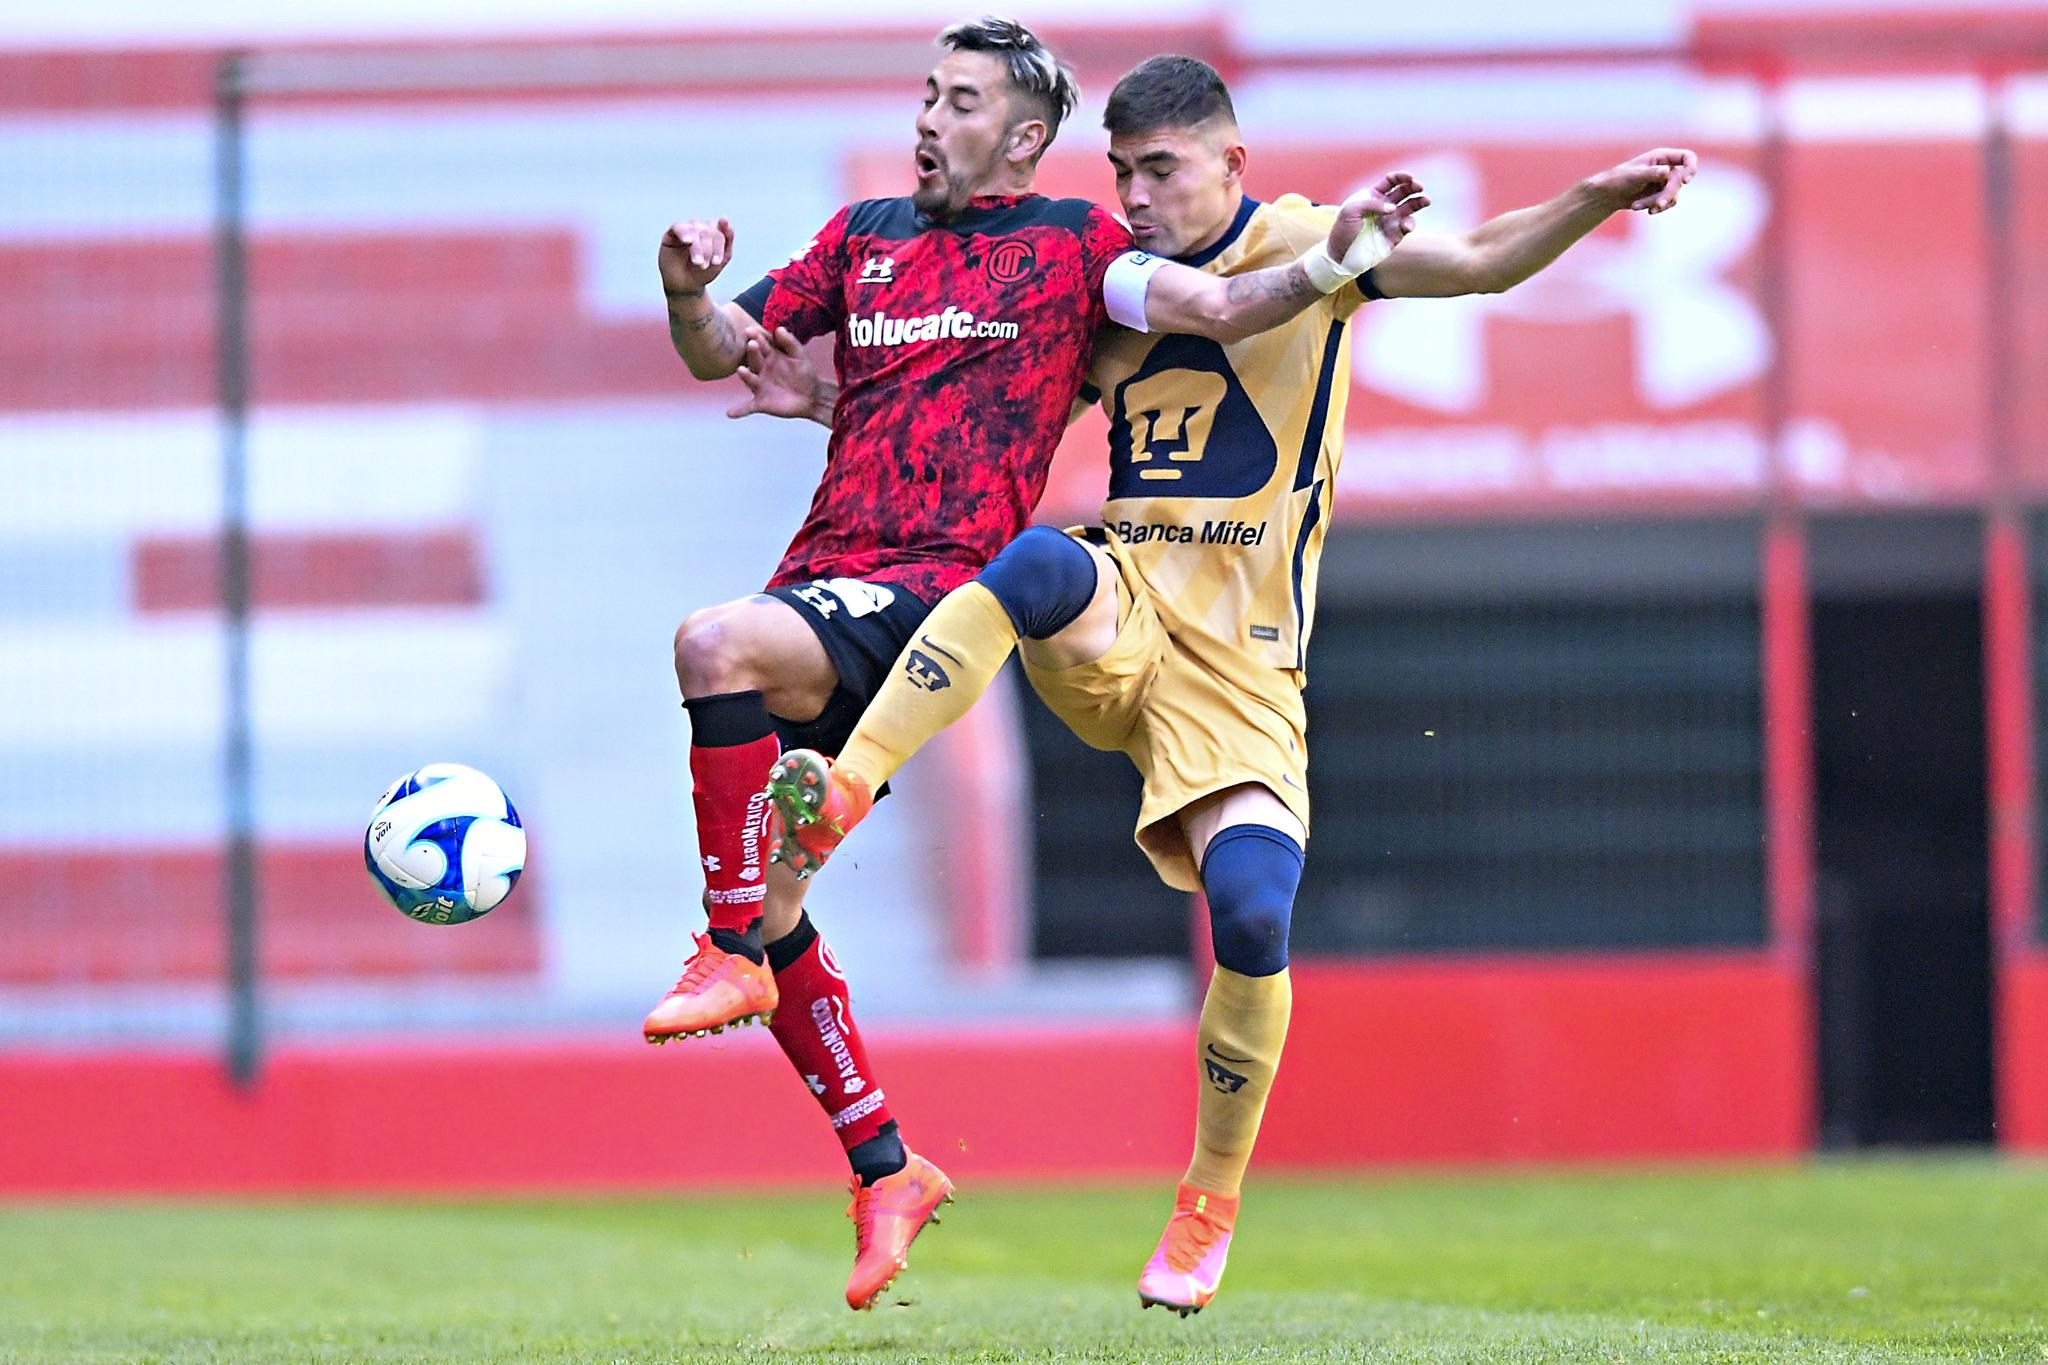 Toluca vence agónicamente a Pumas y recupera el liderato, Alexis Canelo marcó su sexto gol del torneo